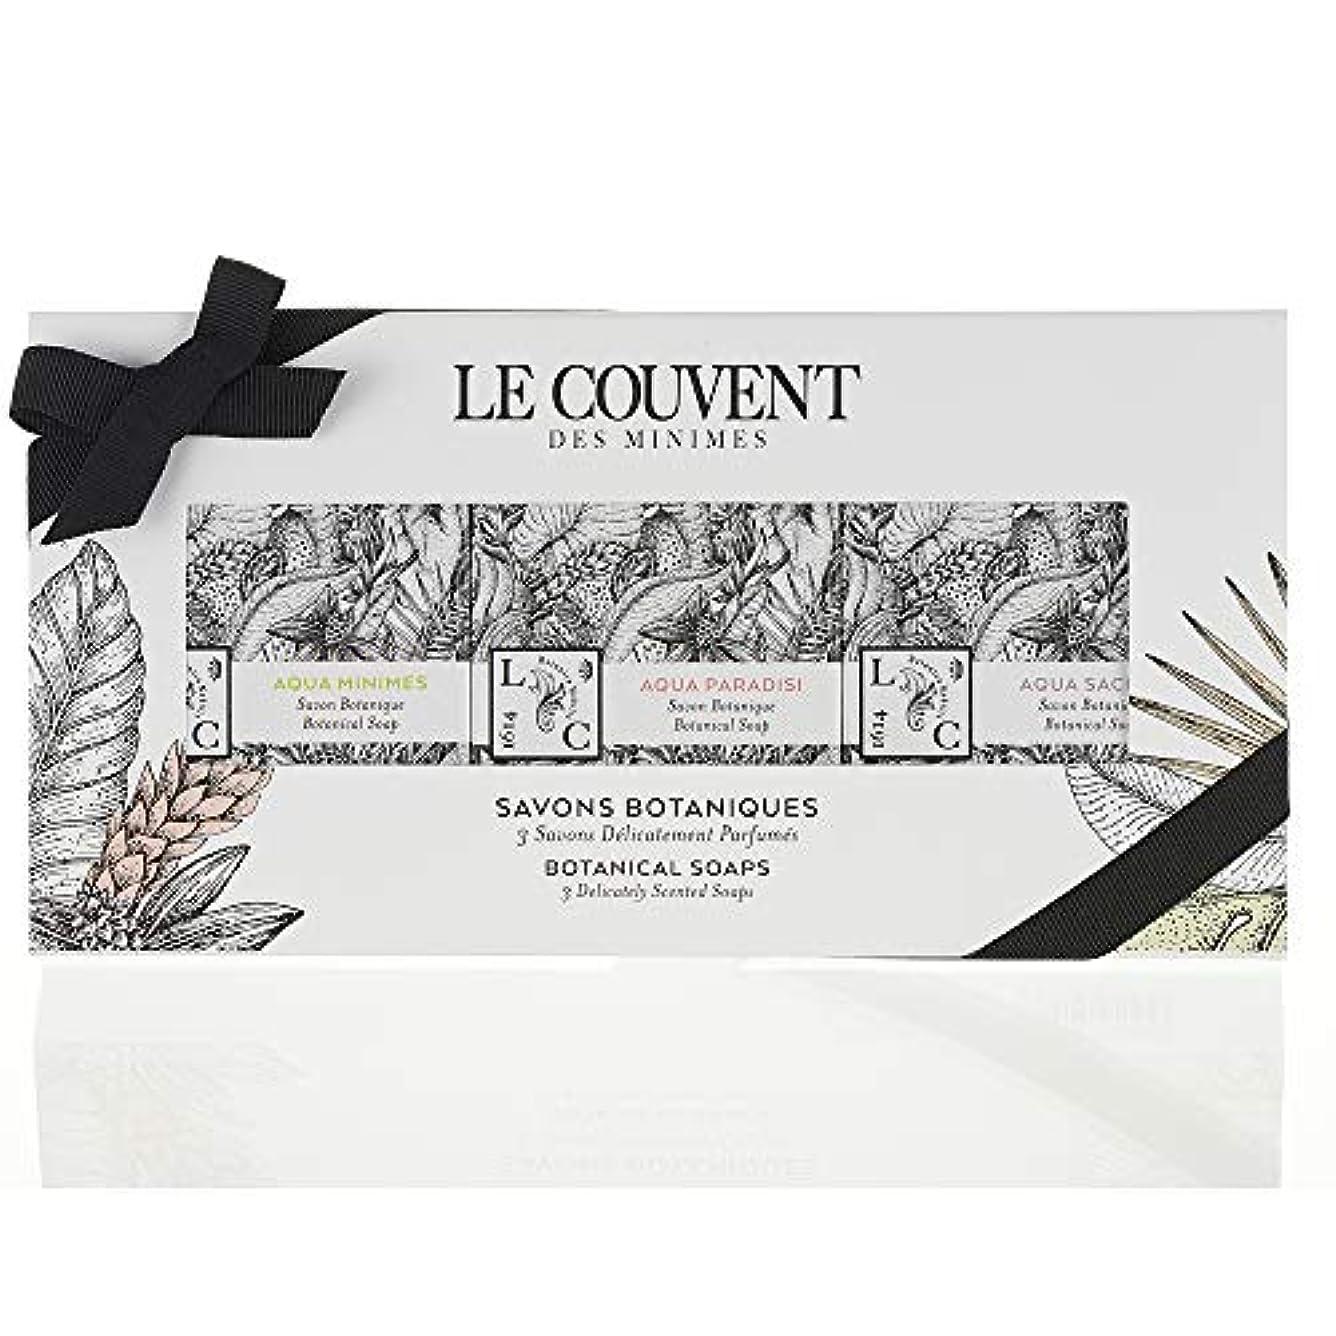 カウンターパート地味なダンスクヴォン?デ?ミニム(Le Couvent des Minimes) ボタニカル ソープセット 石鹸 アクアミニム ボタニカルソープ、アクアパラディシ ボタニカルソープ、アクアサクラエ ボタニカルソープ各50g